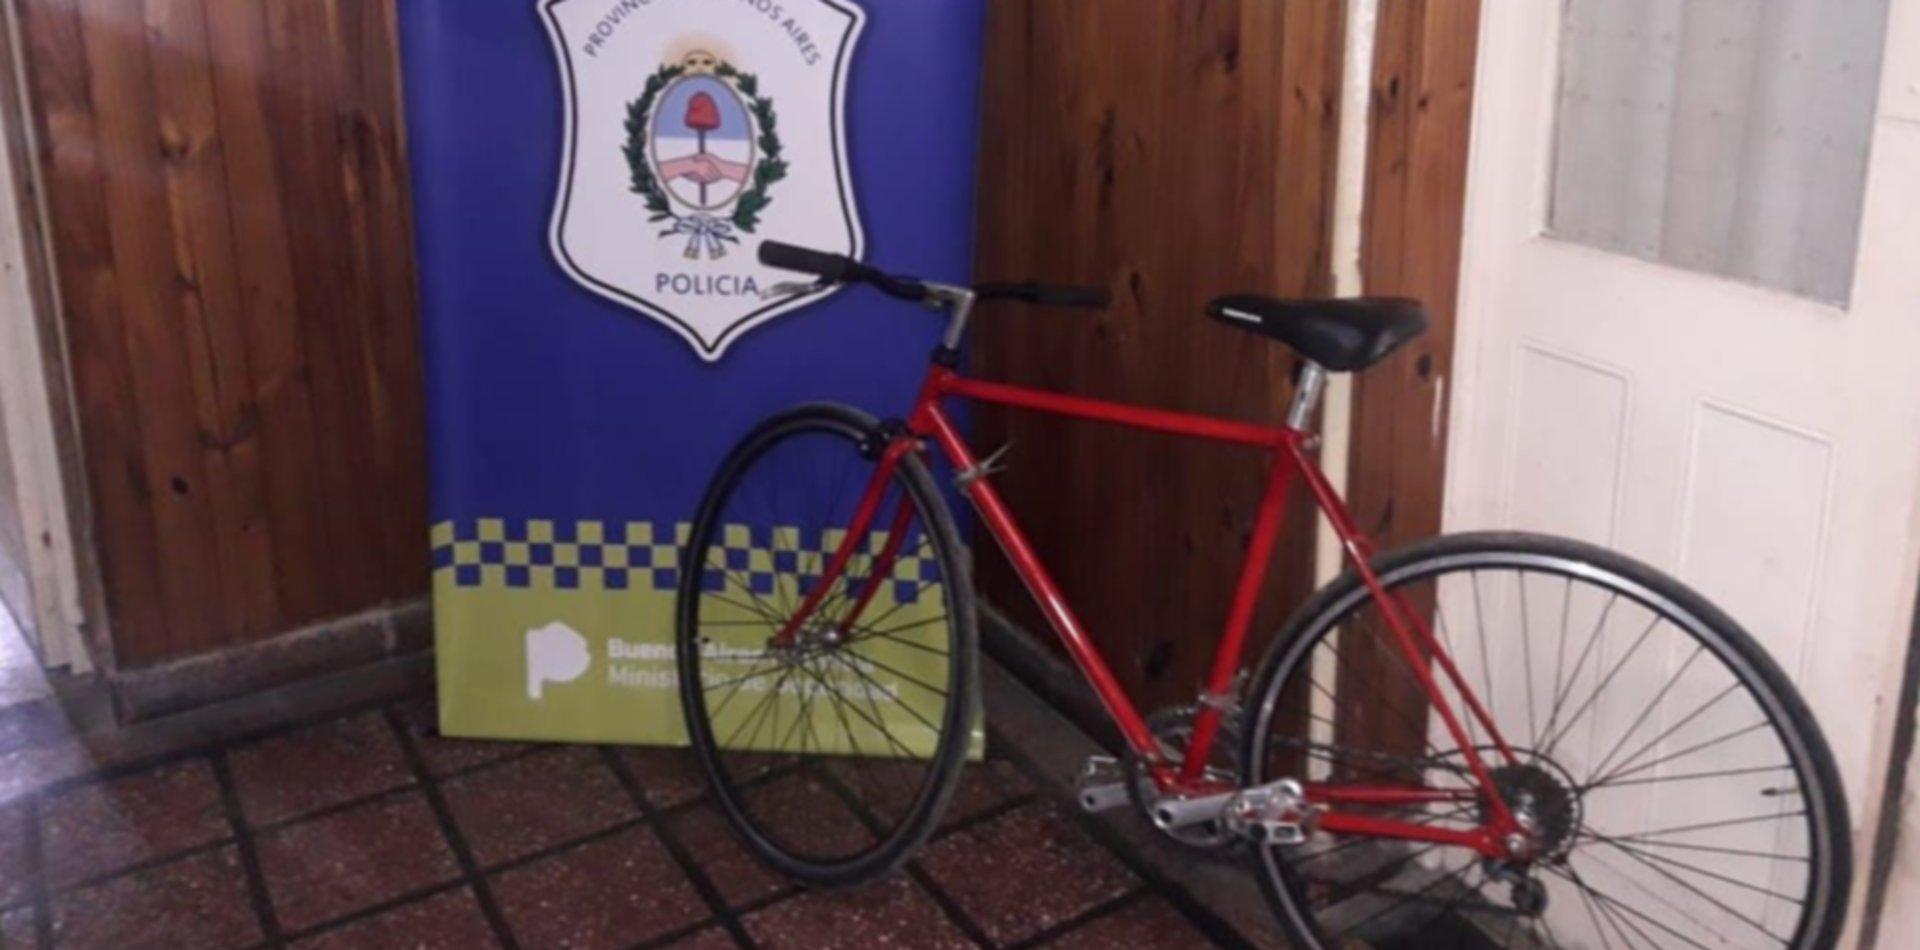 Robó una bicicleta en Tolosa y lo atraparon queriendo venderla en Internet